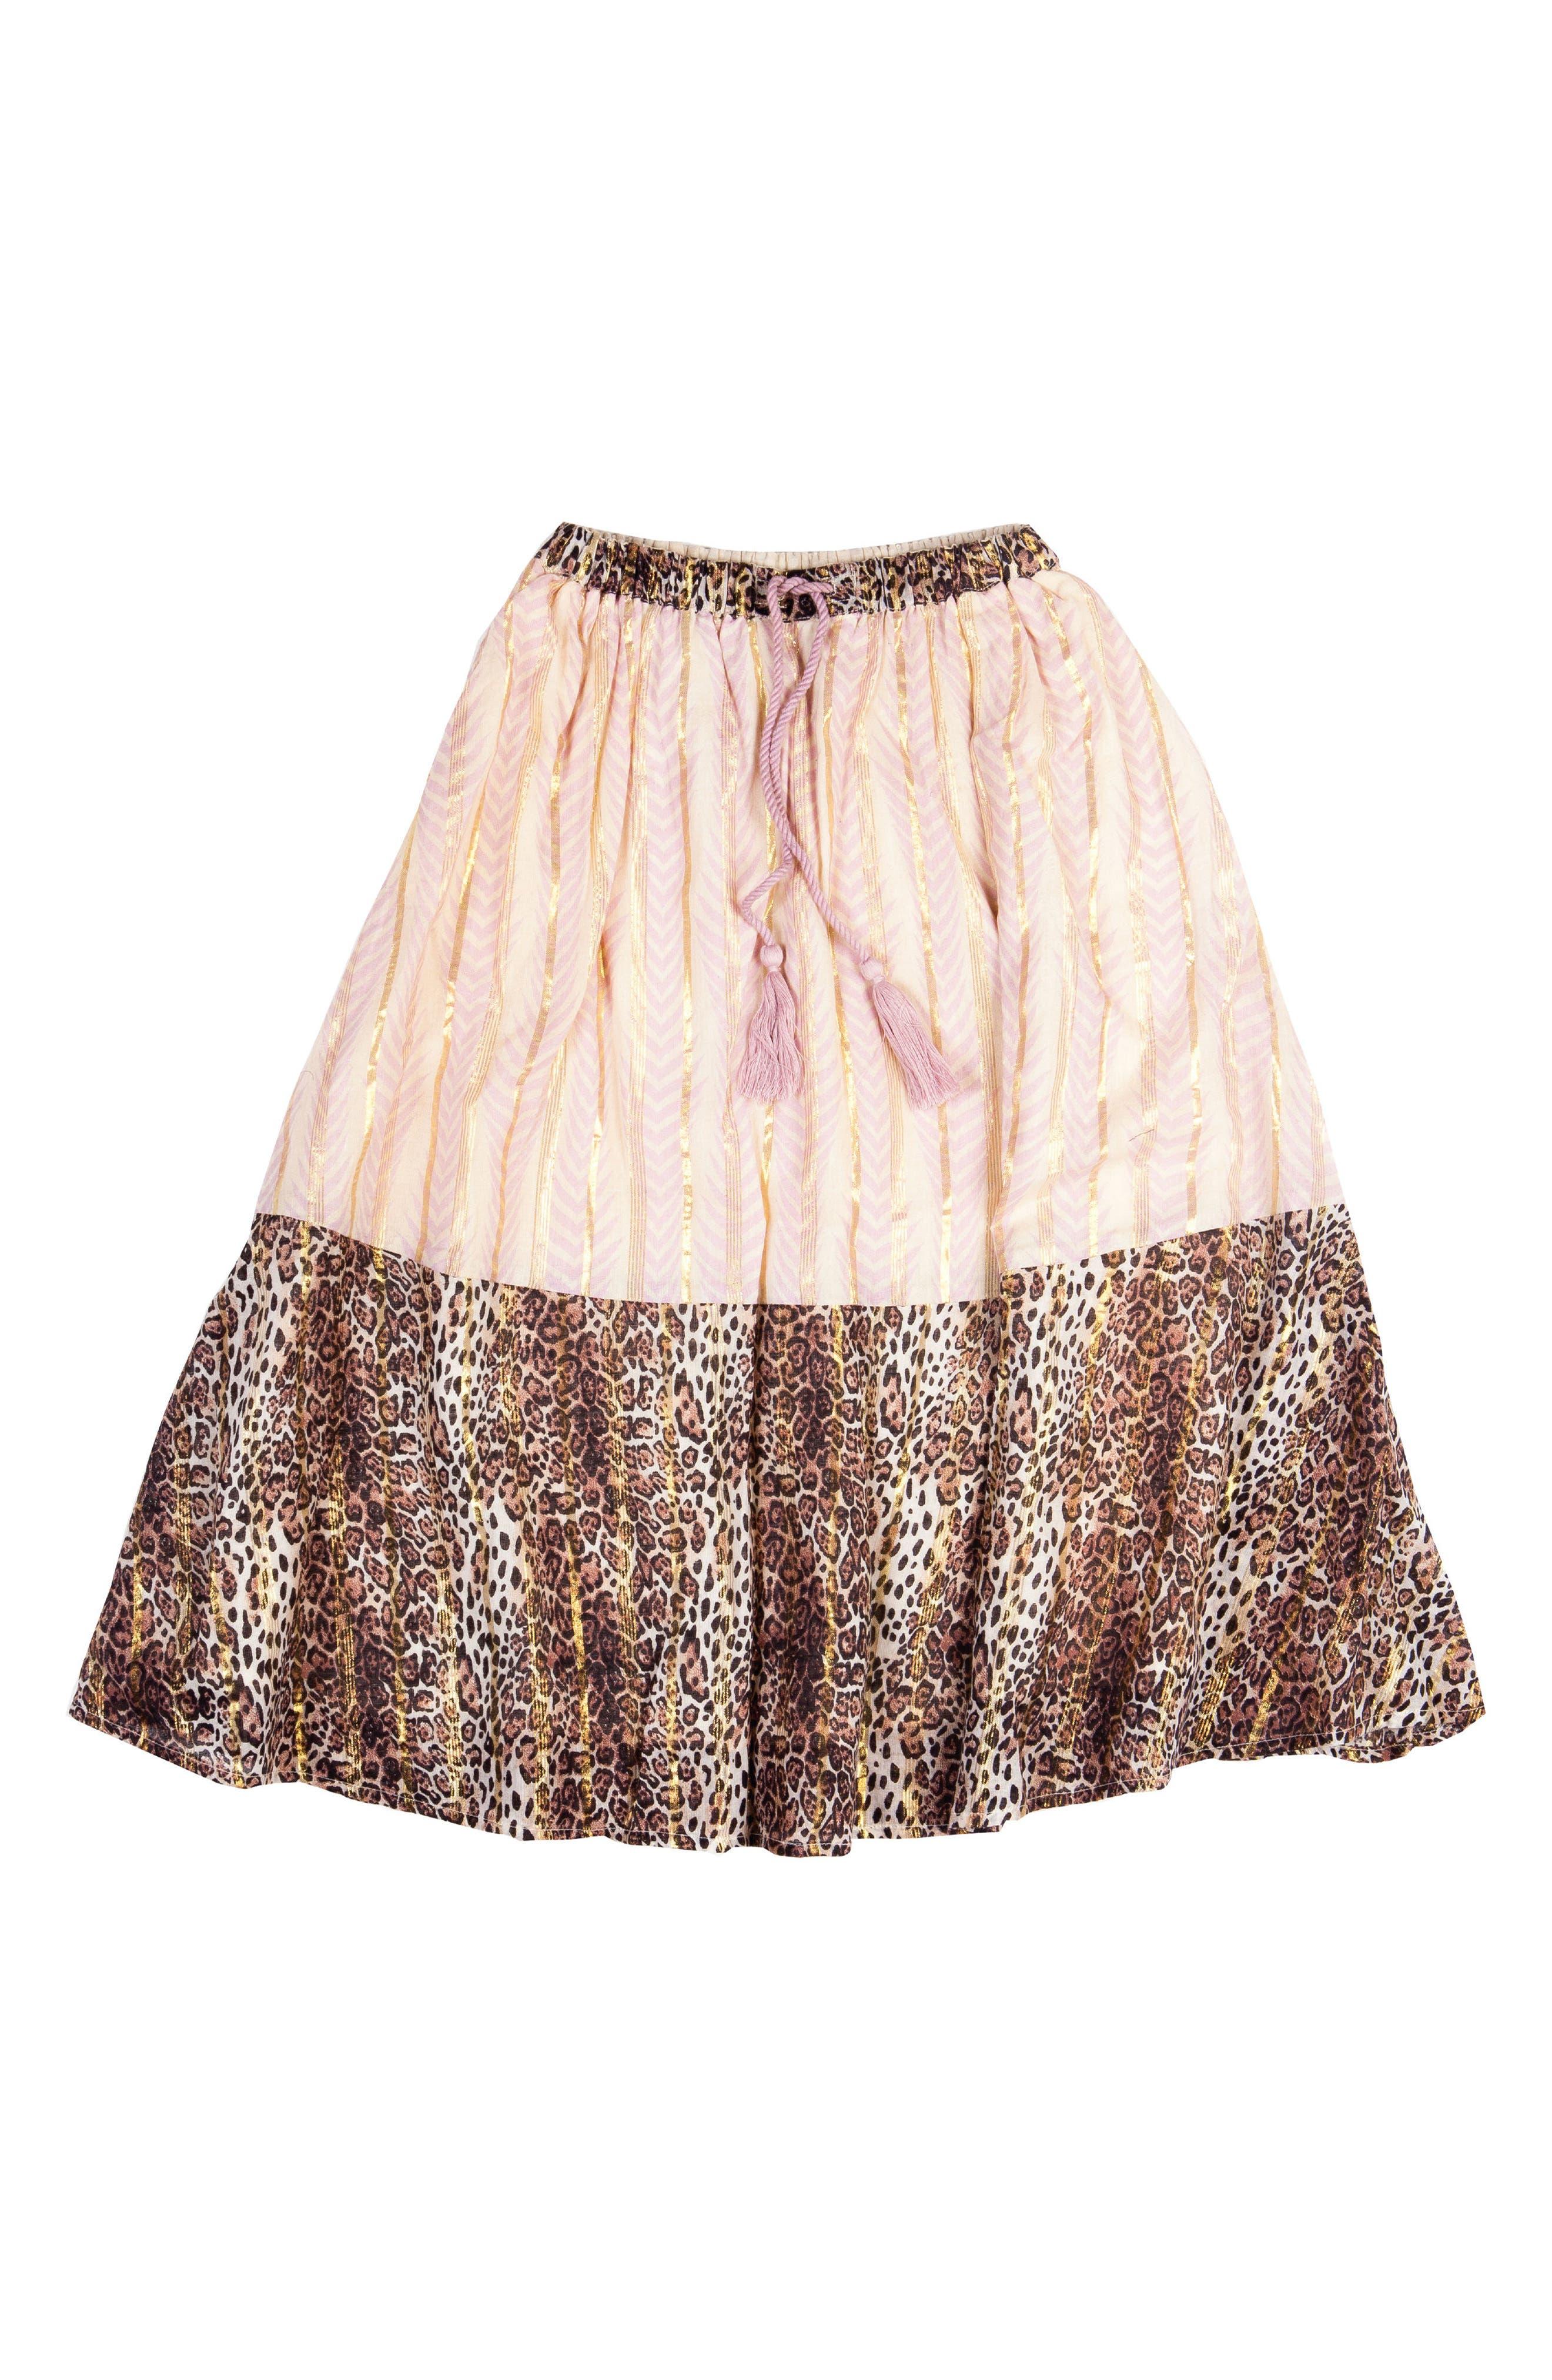 Print Skirt,                             Main thumbnail 1, color,                             Leopard W/ Lavender